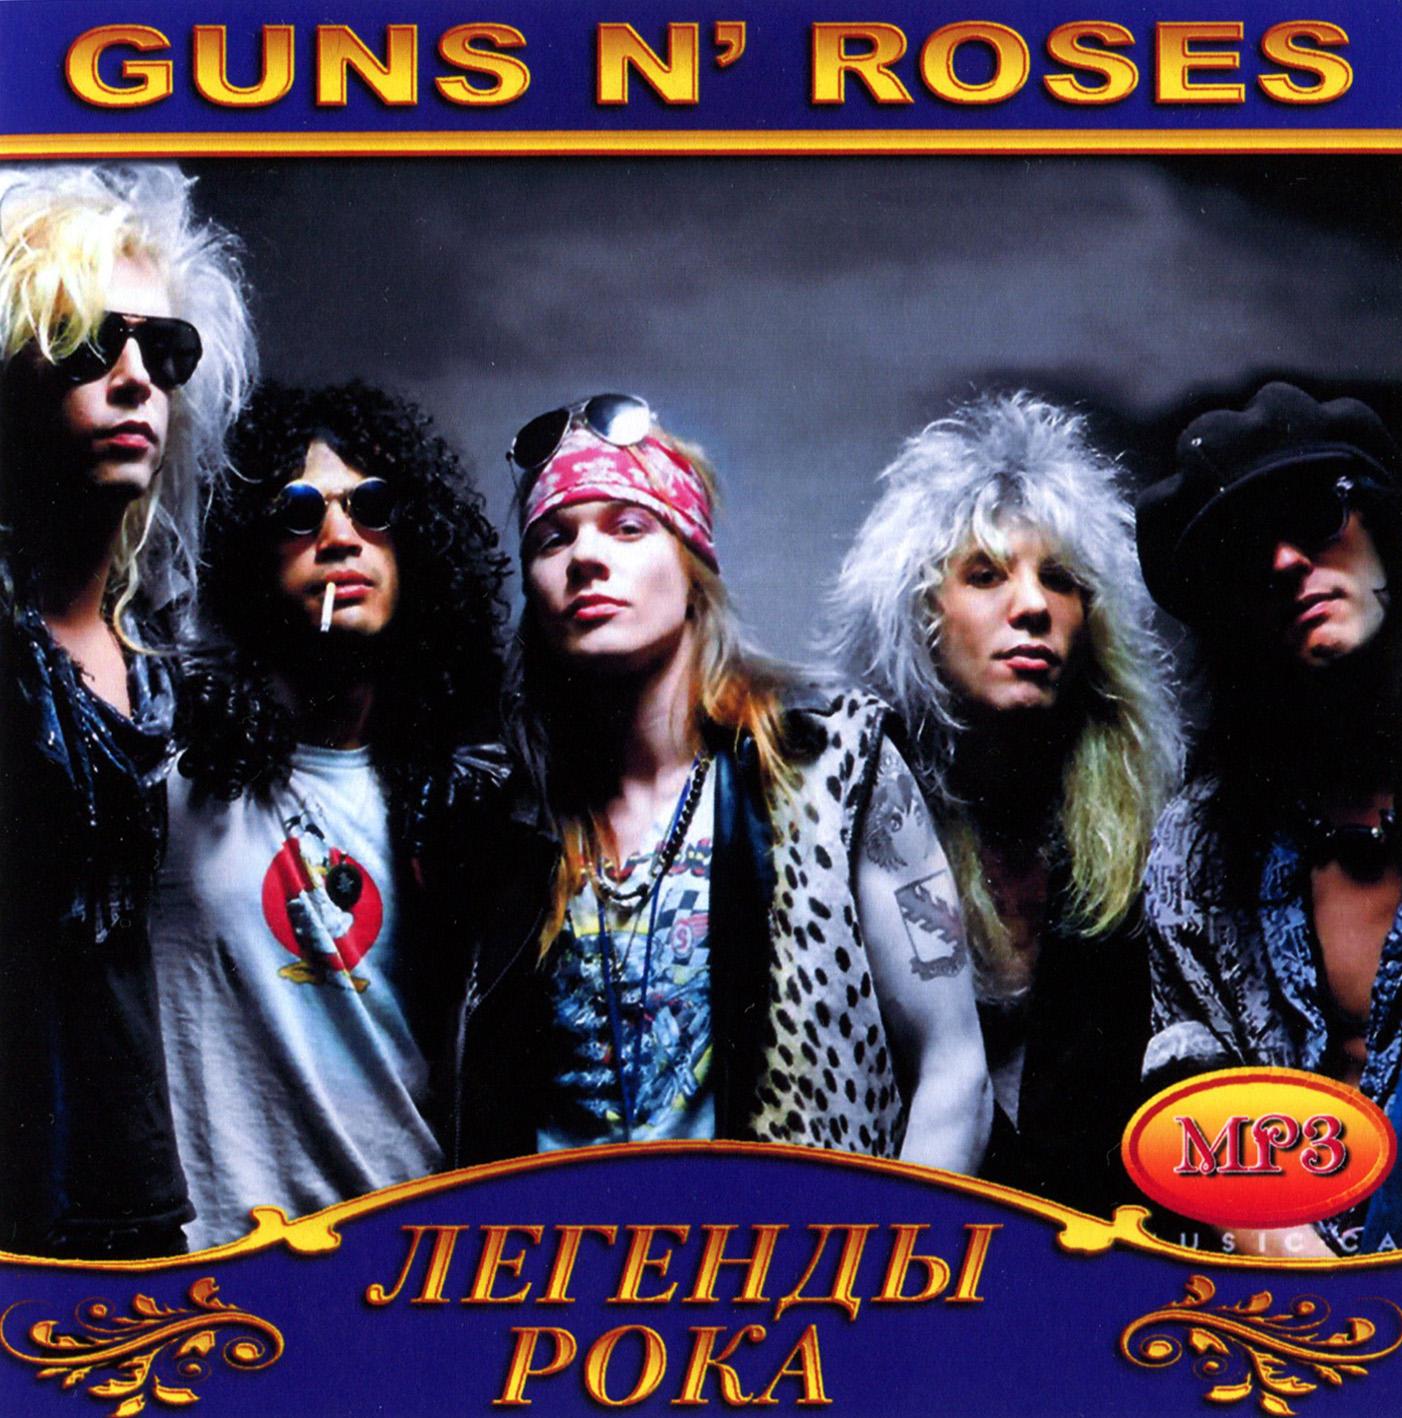 Guns N' Roses [mp3]